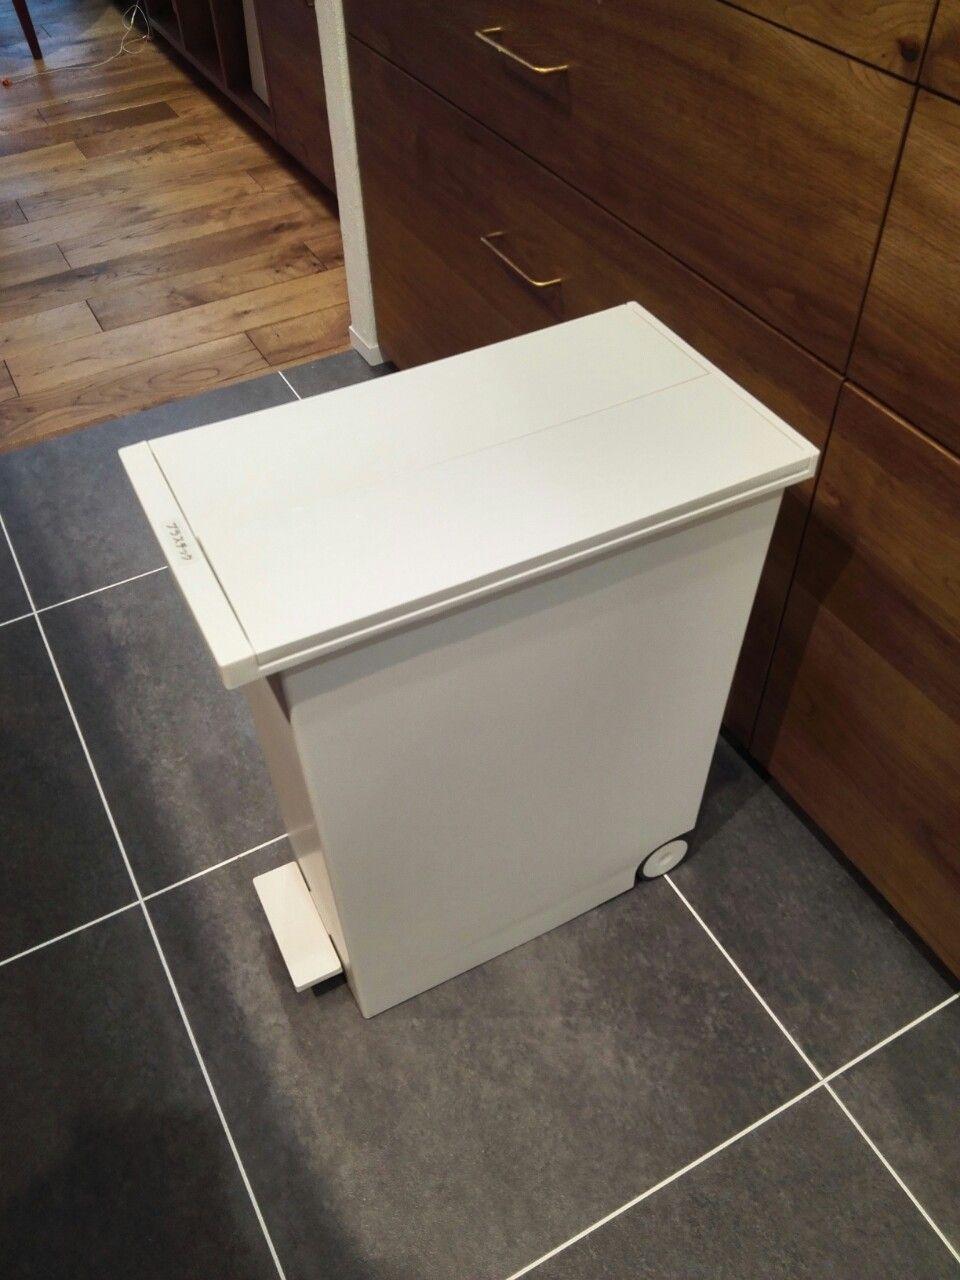 ケユカのゴミ箱 臭いもれは キッチンシンク下で2か月使った感想